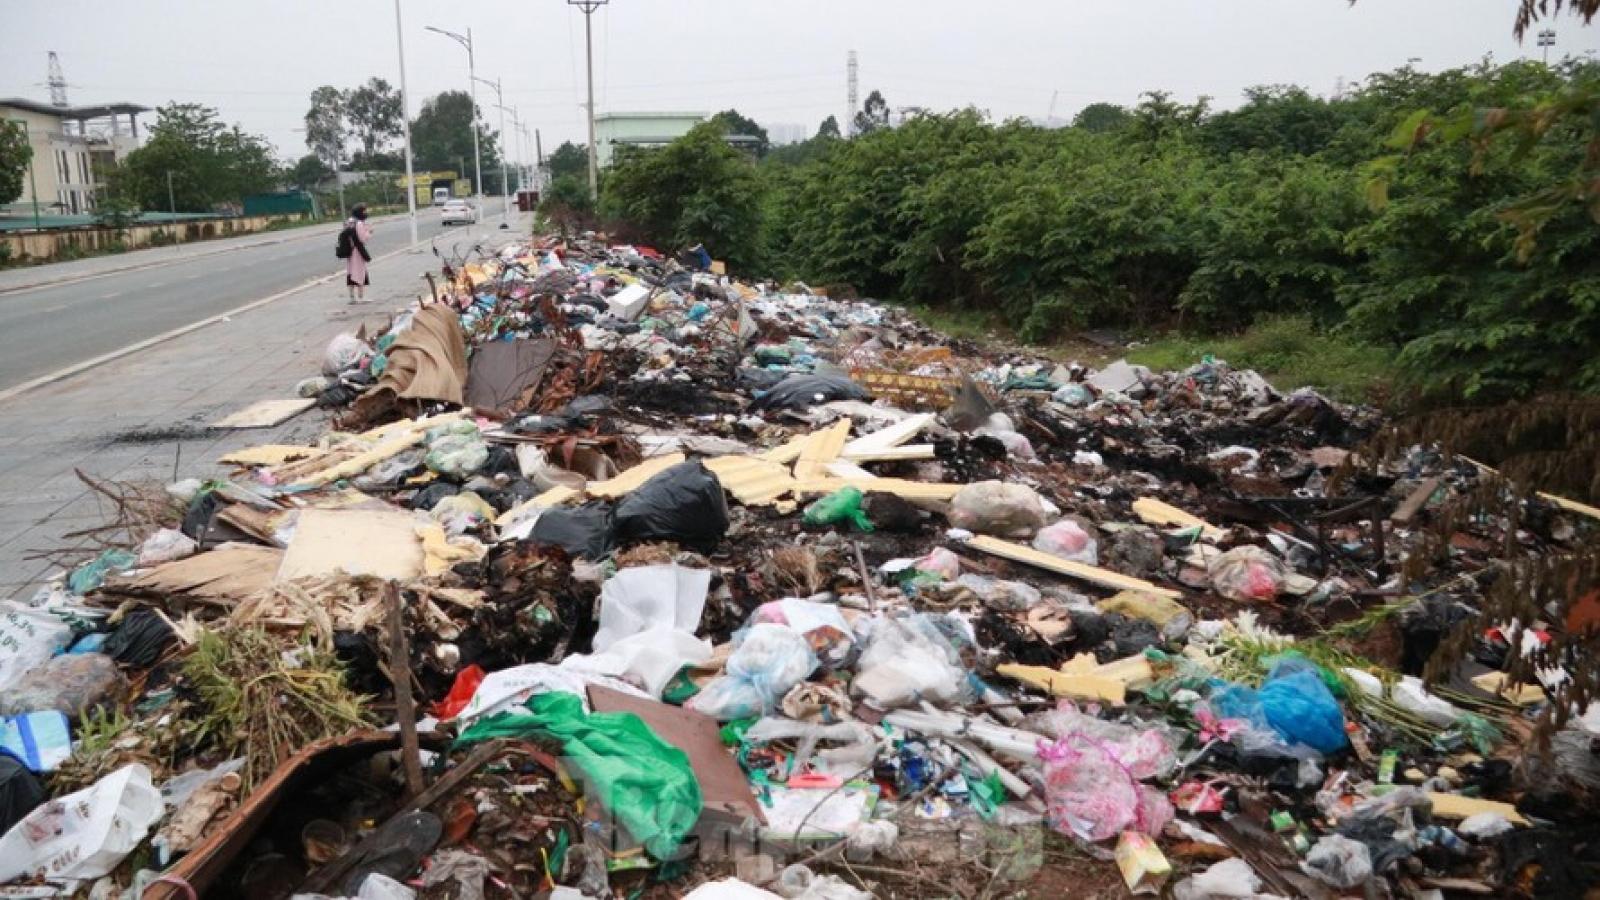 Xử lý bãi rác tự phát ở Nam Từ Liêm: Cần những giải pháp căn bản, lâu dài